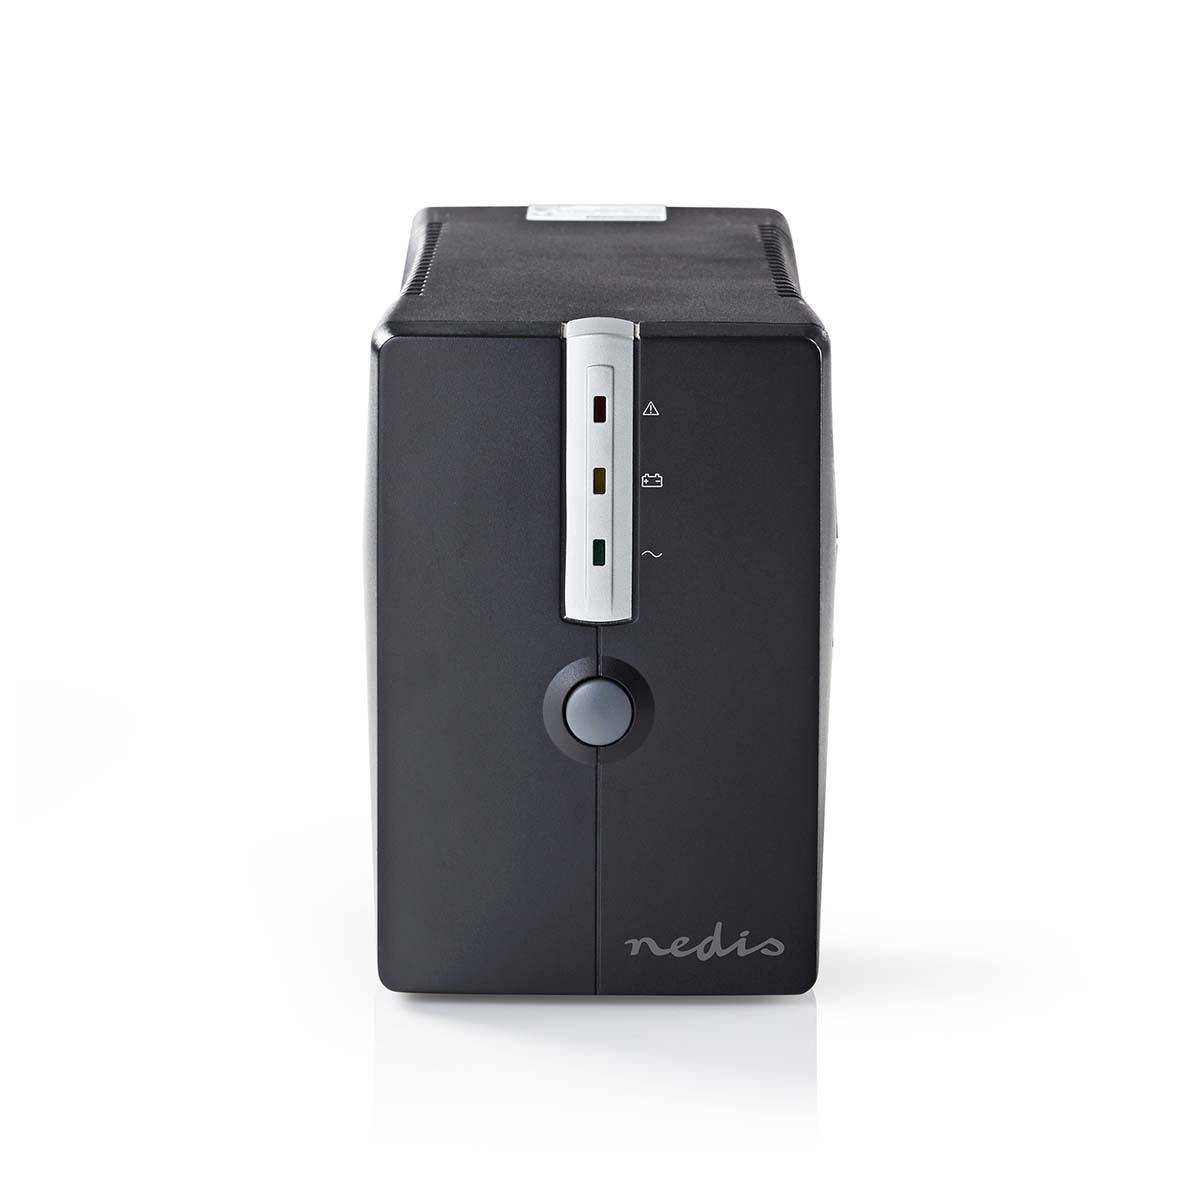 Proteja su valiosa computadora y sus archivos contra cortes de energía y sobretensiones con este potente UPS 650A. La batería incorporada le da 10 minutos para guardar archivos y apagar la computadora correctamente durante un corte de energía. Con el soft